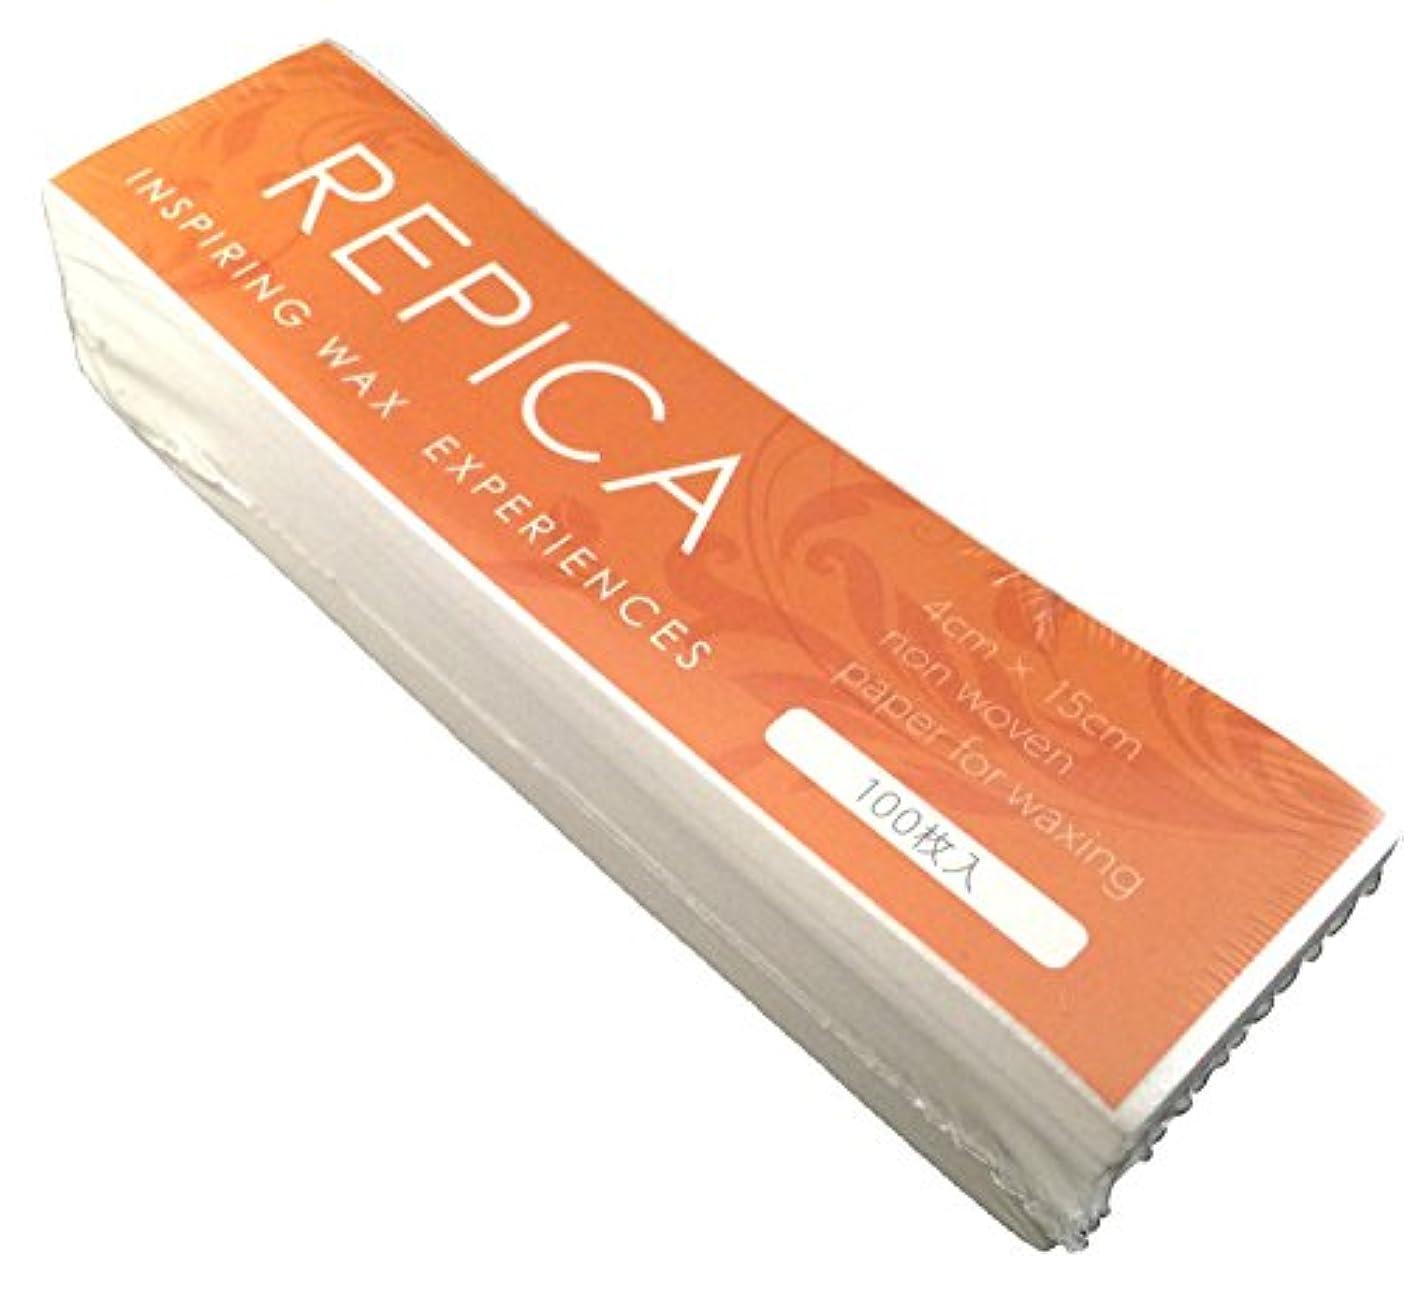 エロチックプレフィックスサミットREPICA ブラジリアンワックス脱毛 カットペーパー Sサイズ100枚入り×20個セット ワックス脱毛 ワックスシート ストリップシート